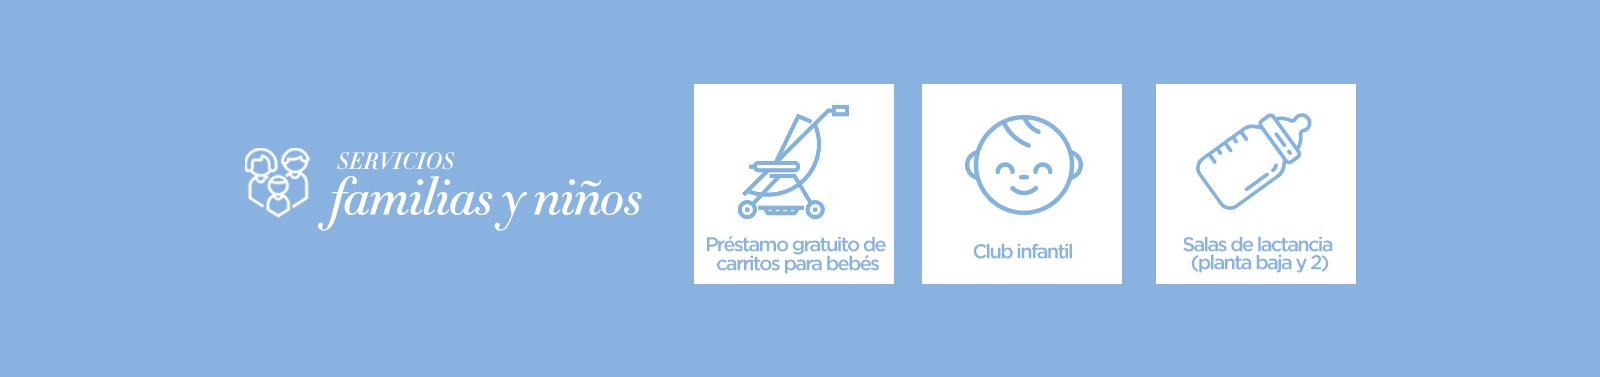 servicios-familia-1